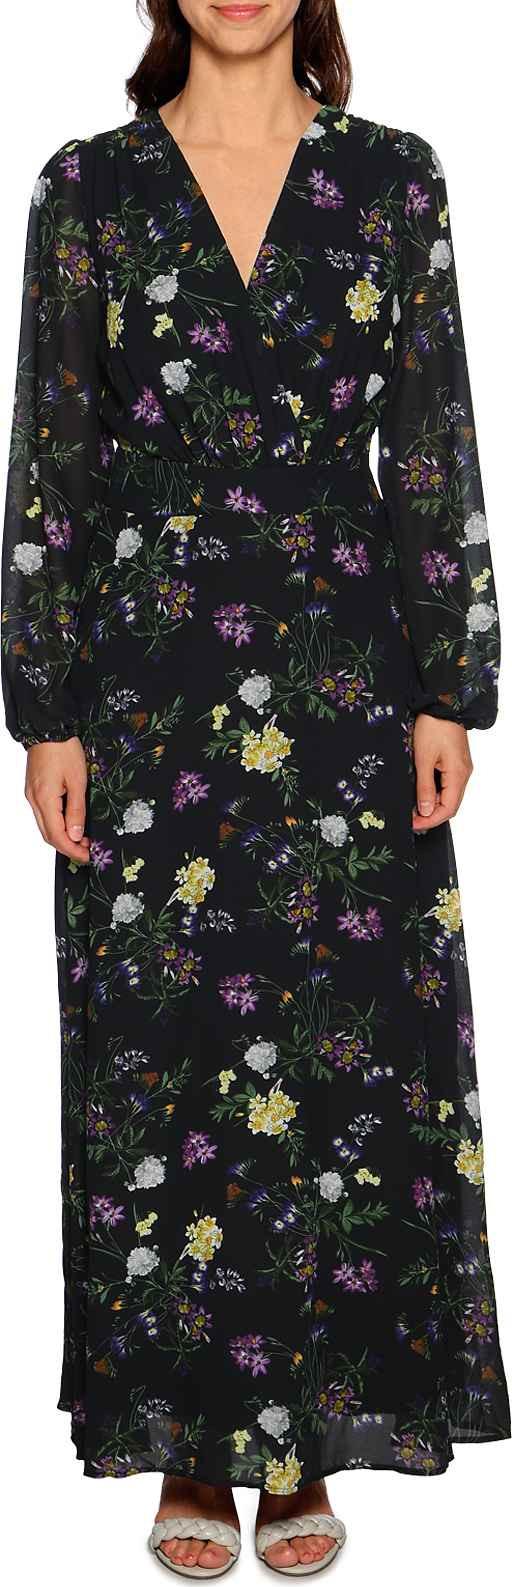 Object Kleid In Schwarz Für Damen Größe 34  Rtl